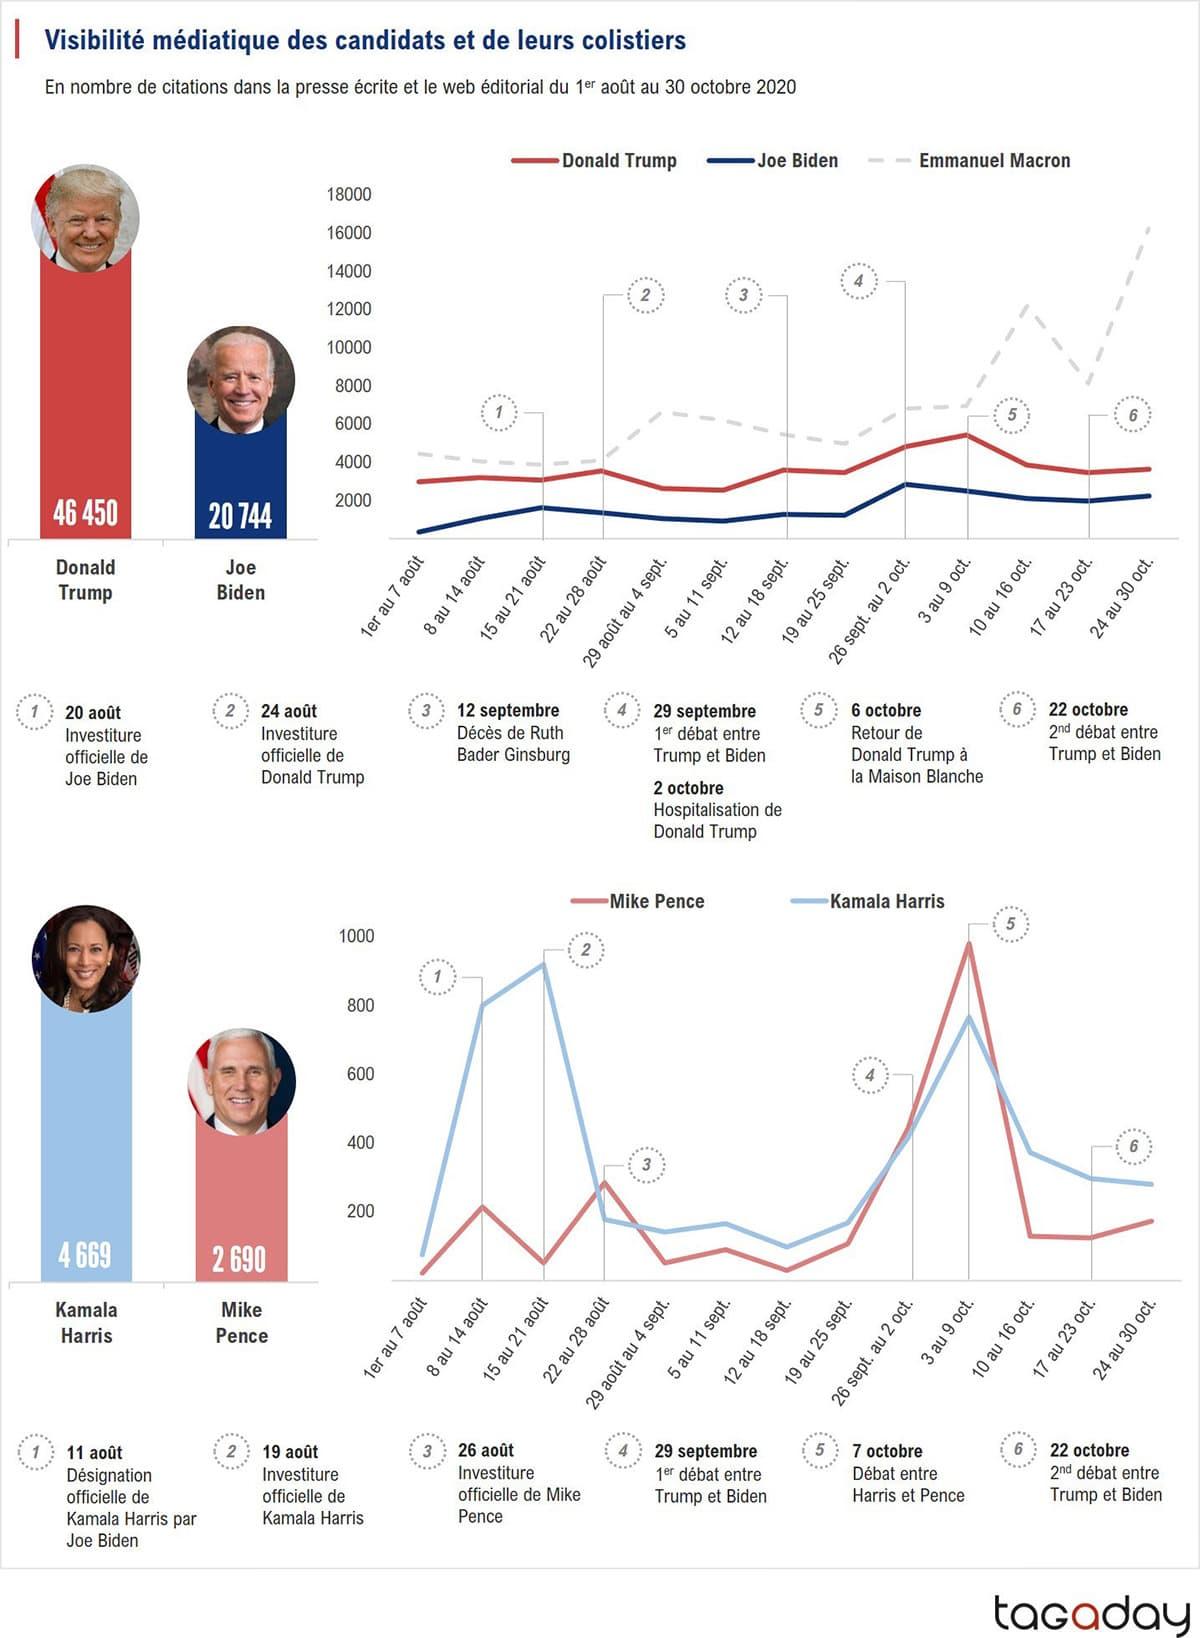 Visibilité médiatique des candidats